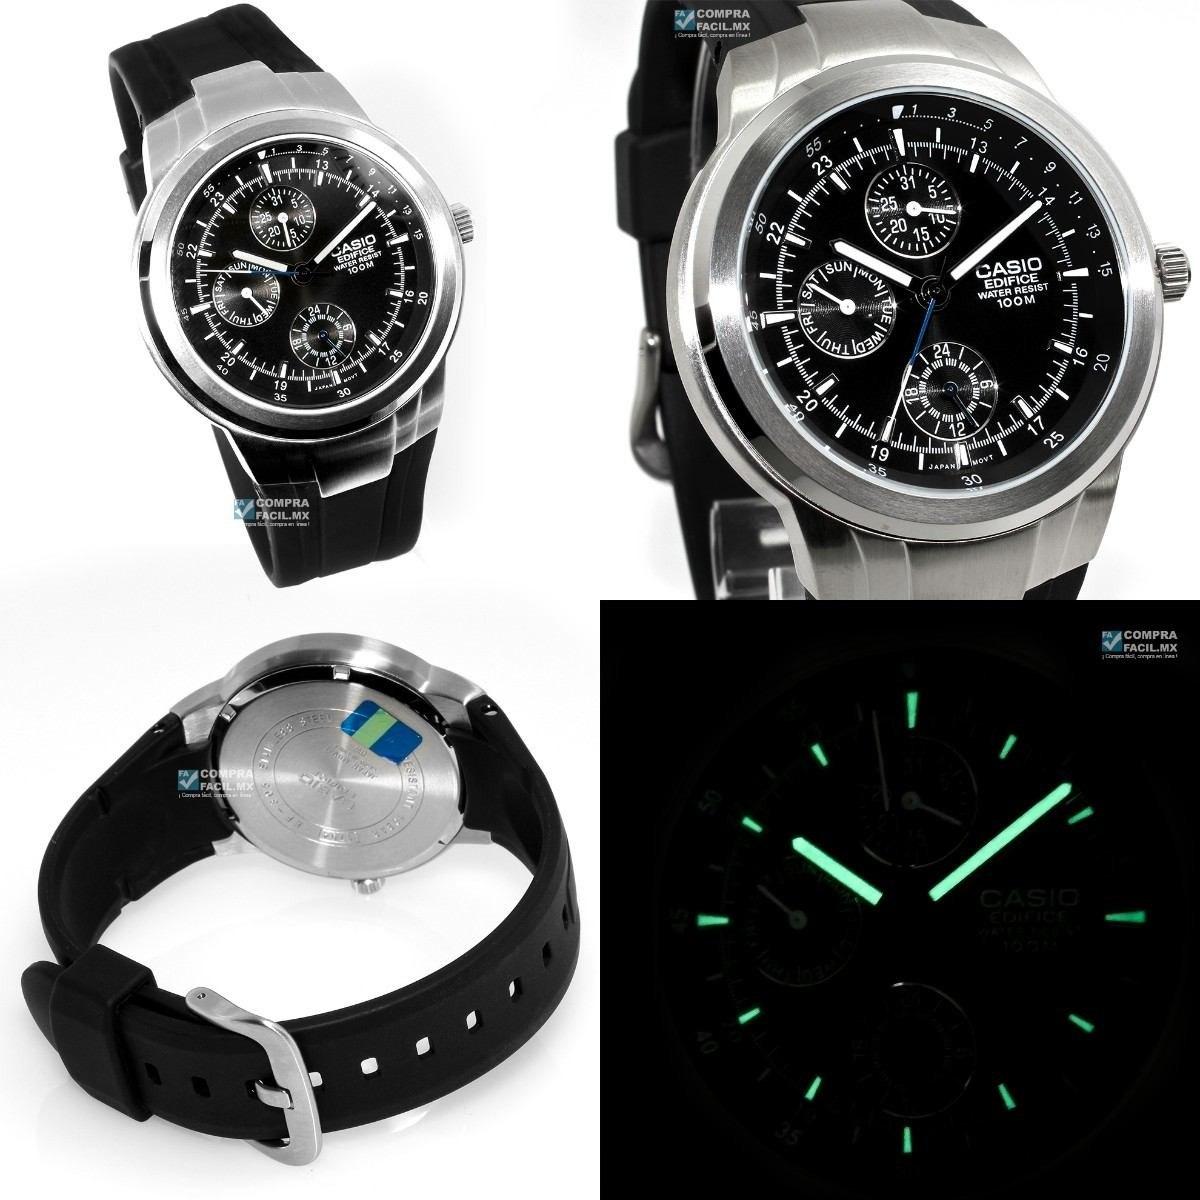 Reloj Casio Ef 305 1a Hombre, Pulso En Goma - $ 144.900 en